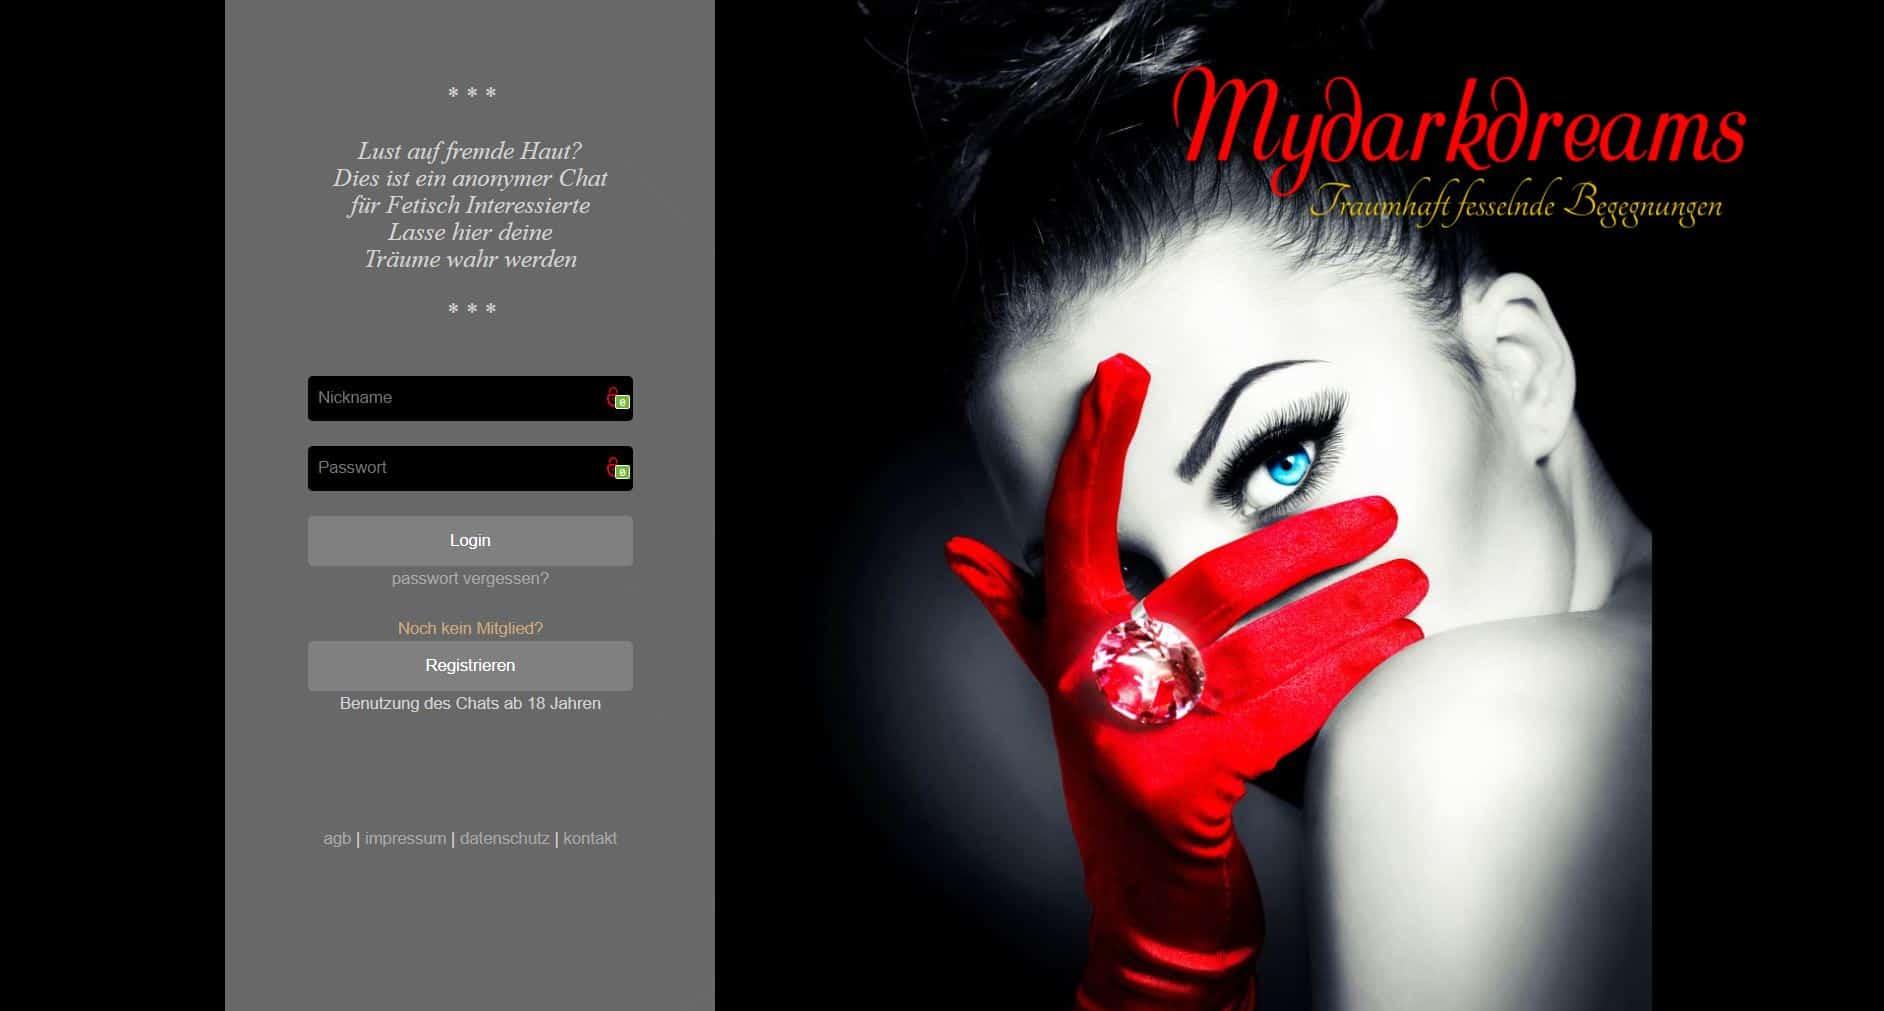 Testbericht - mydarkdreams.com Abzocke